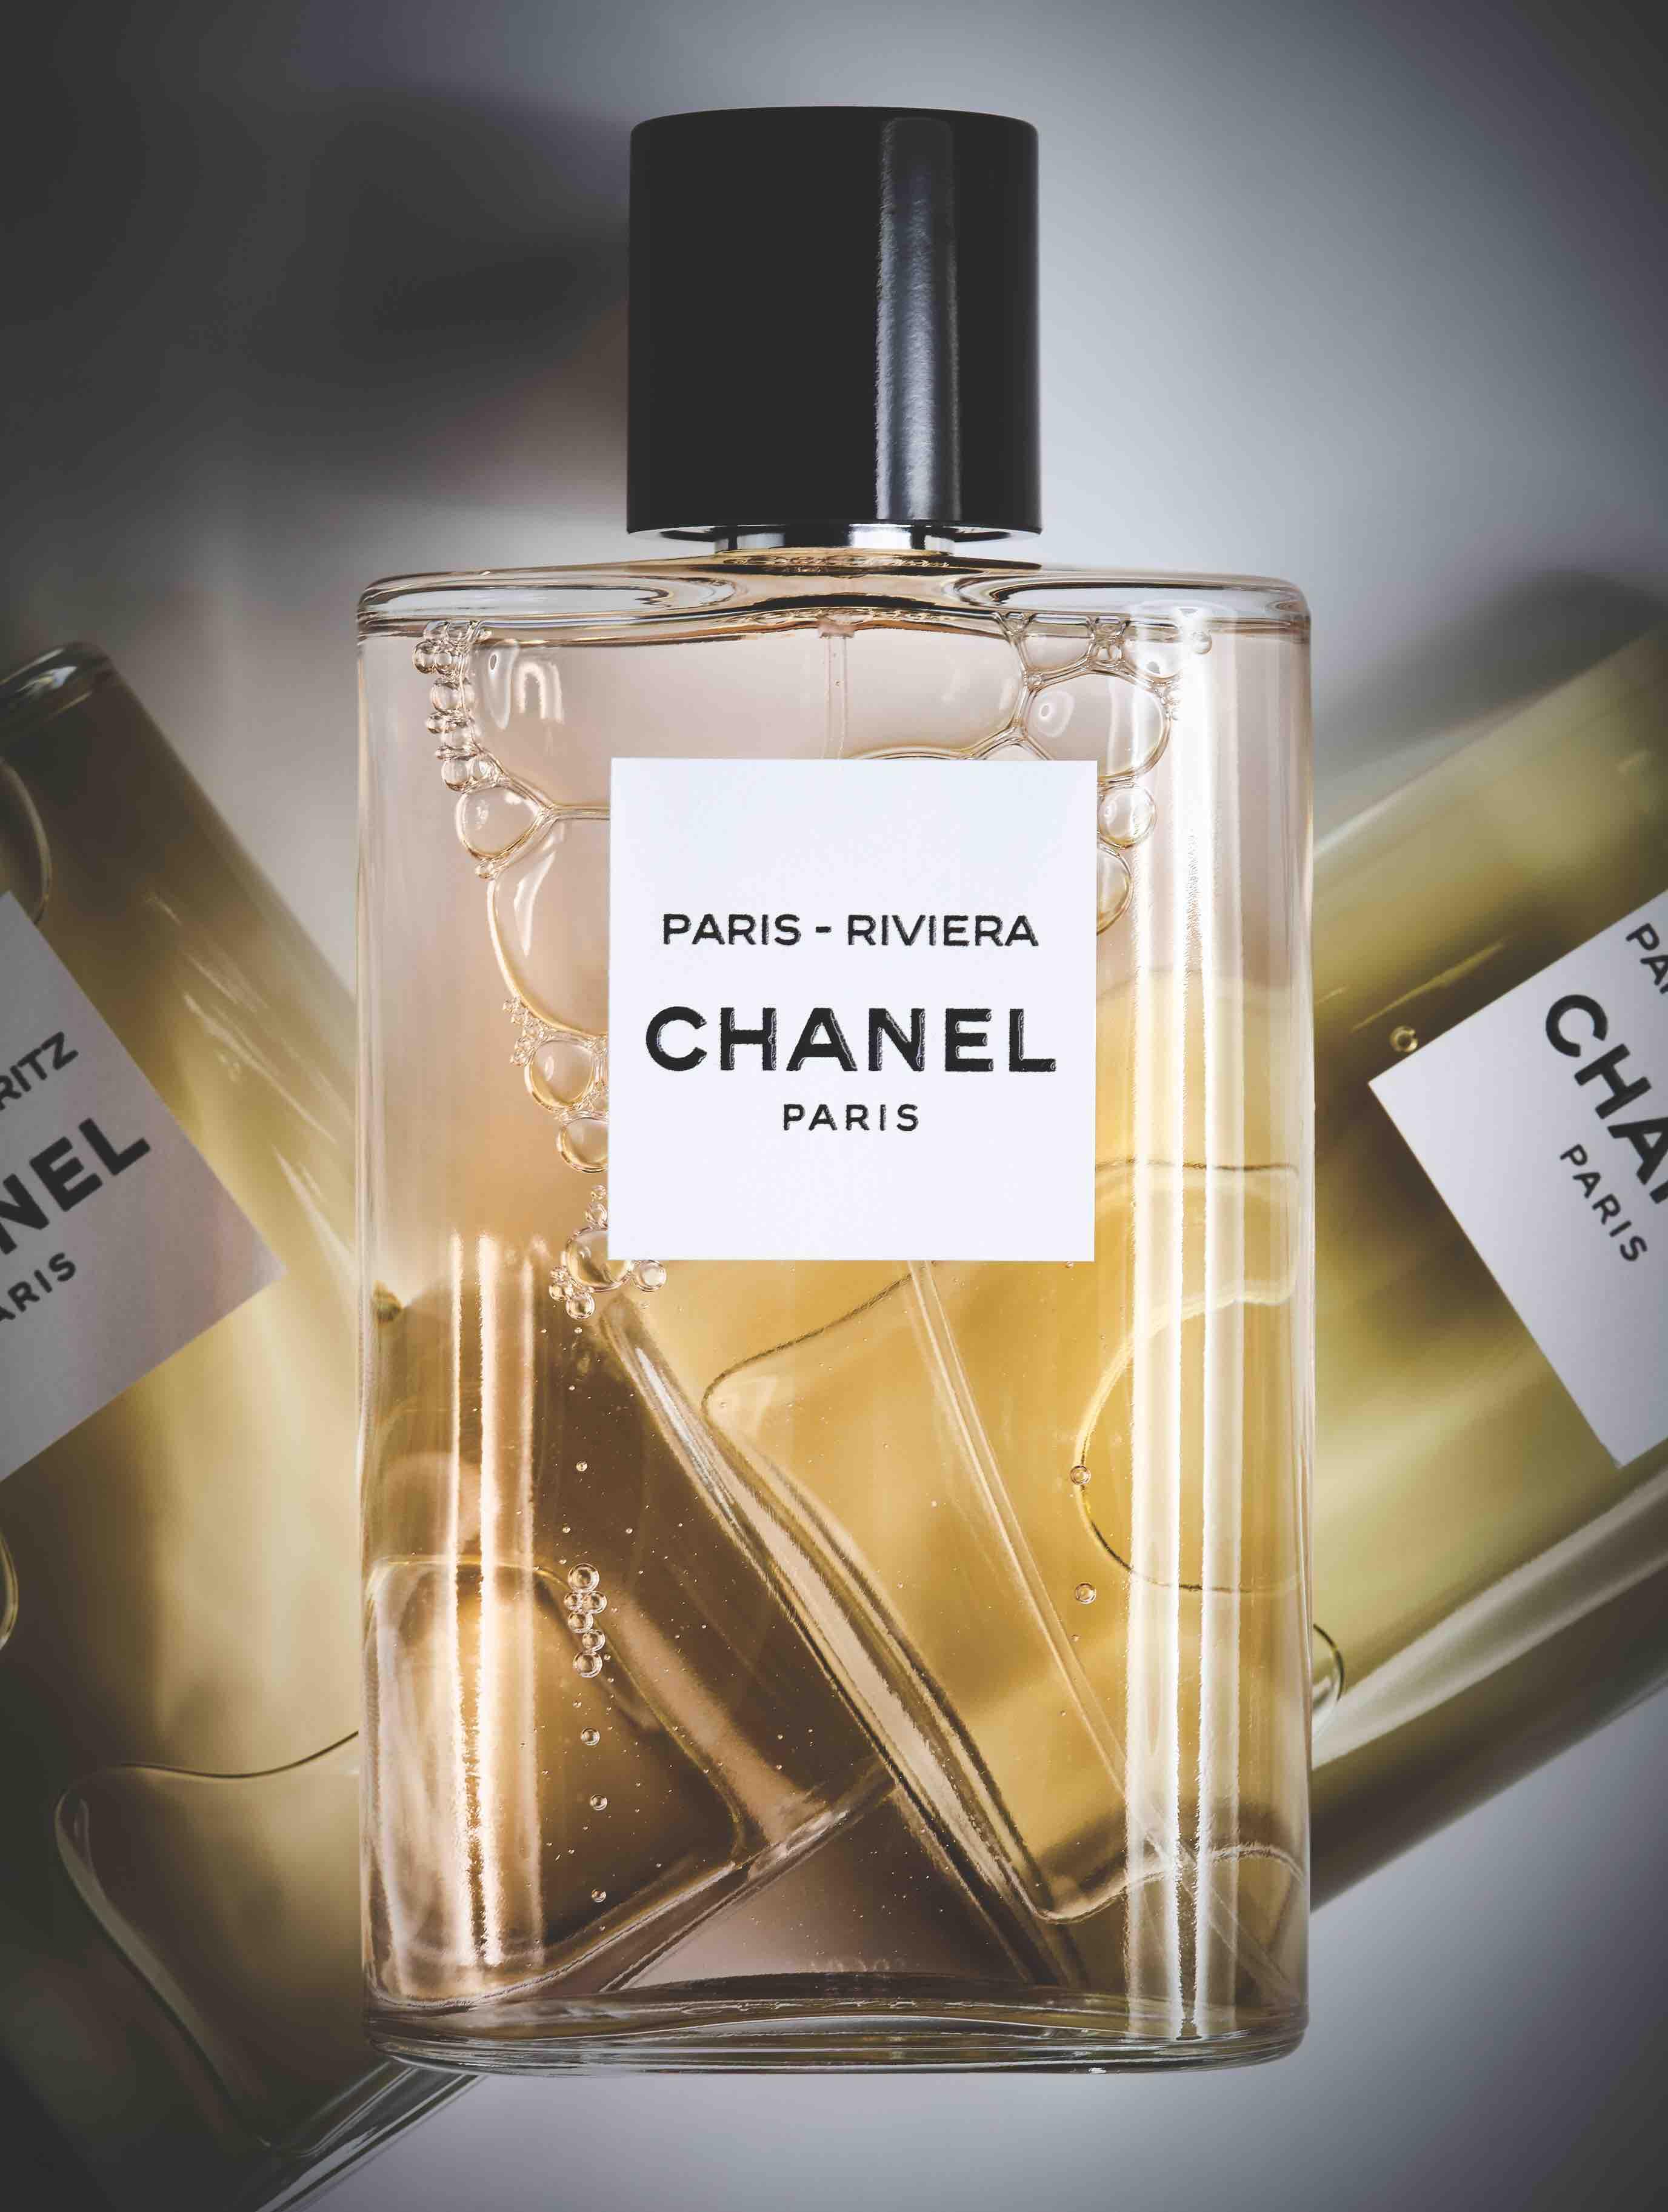 Paris-Riviera Eau de Toilette, Chanel